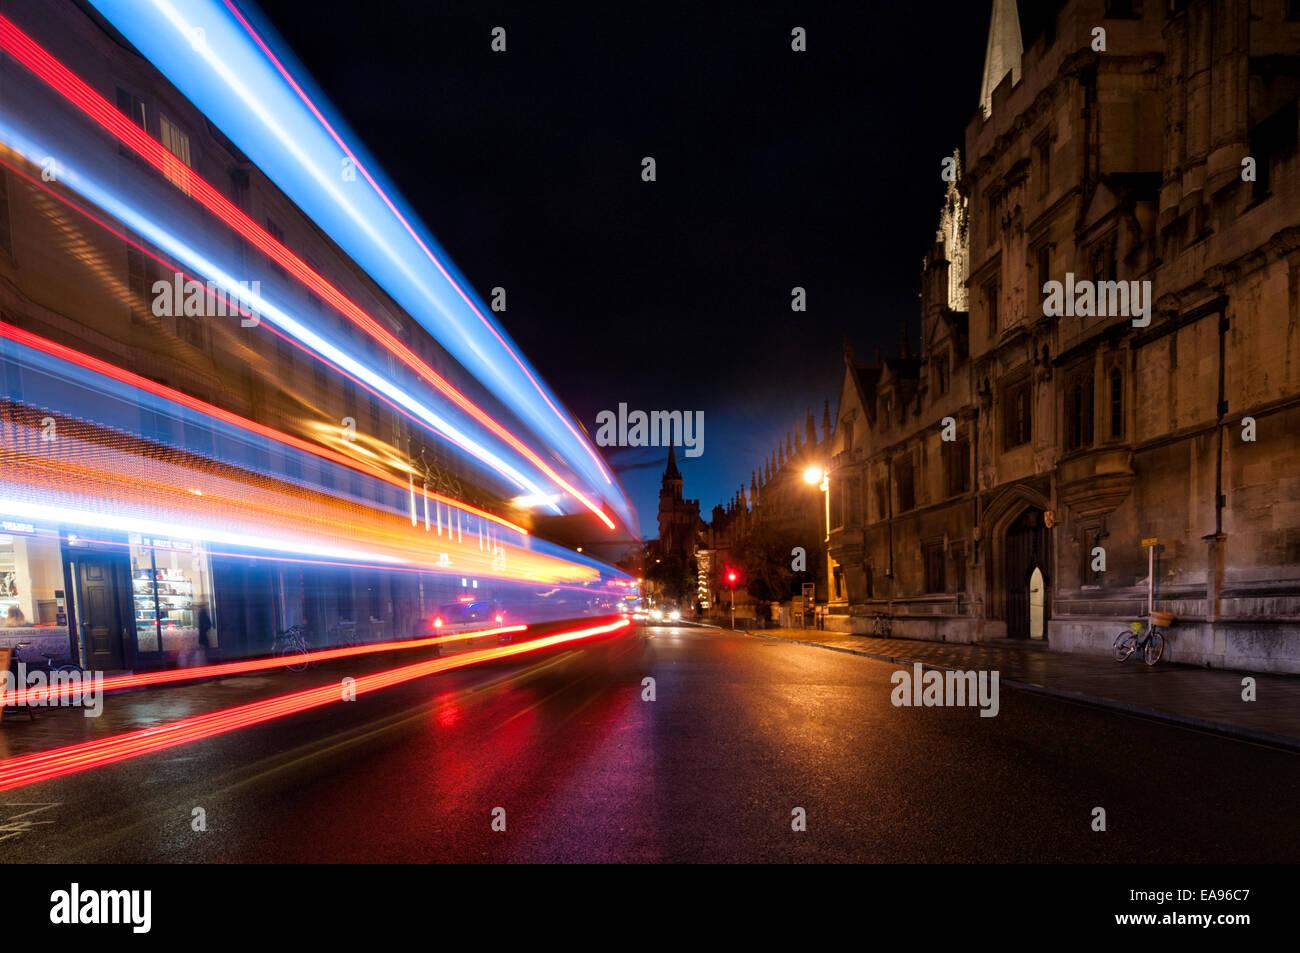 Hight Oxford Straße in der Nacht mit Leuchtspuren von vorbeifahrenden Autos Stockbild